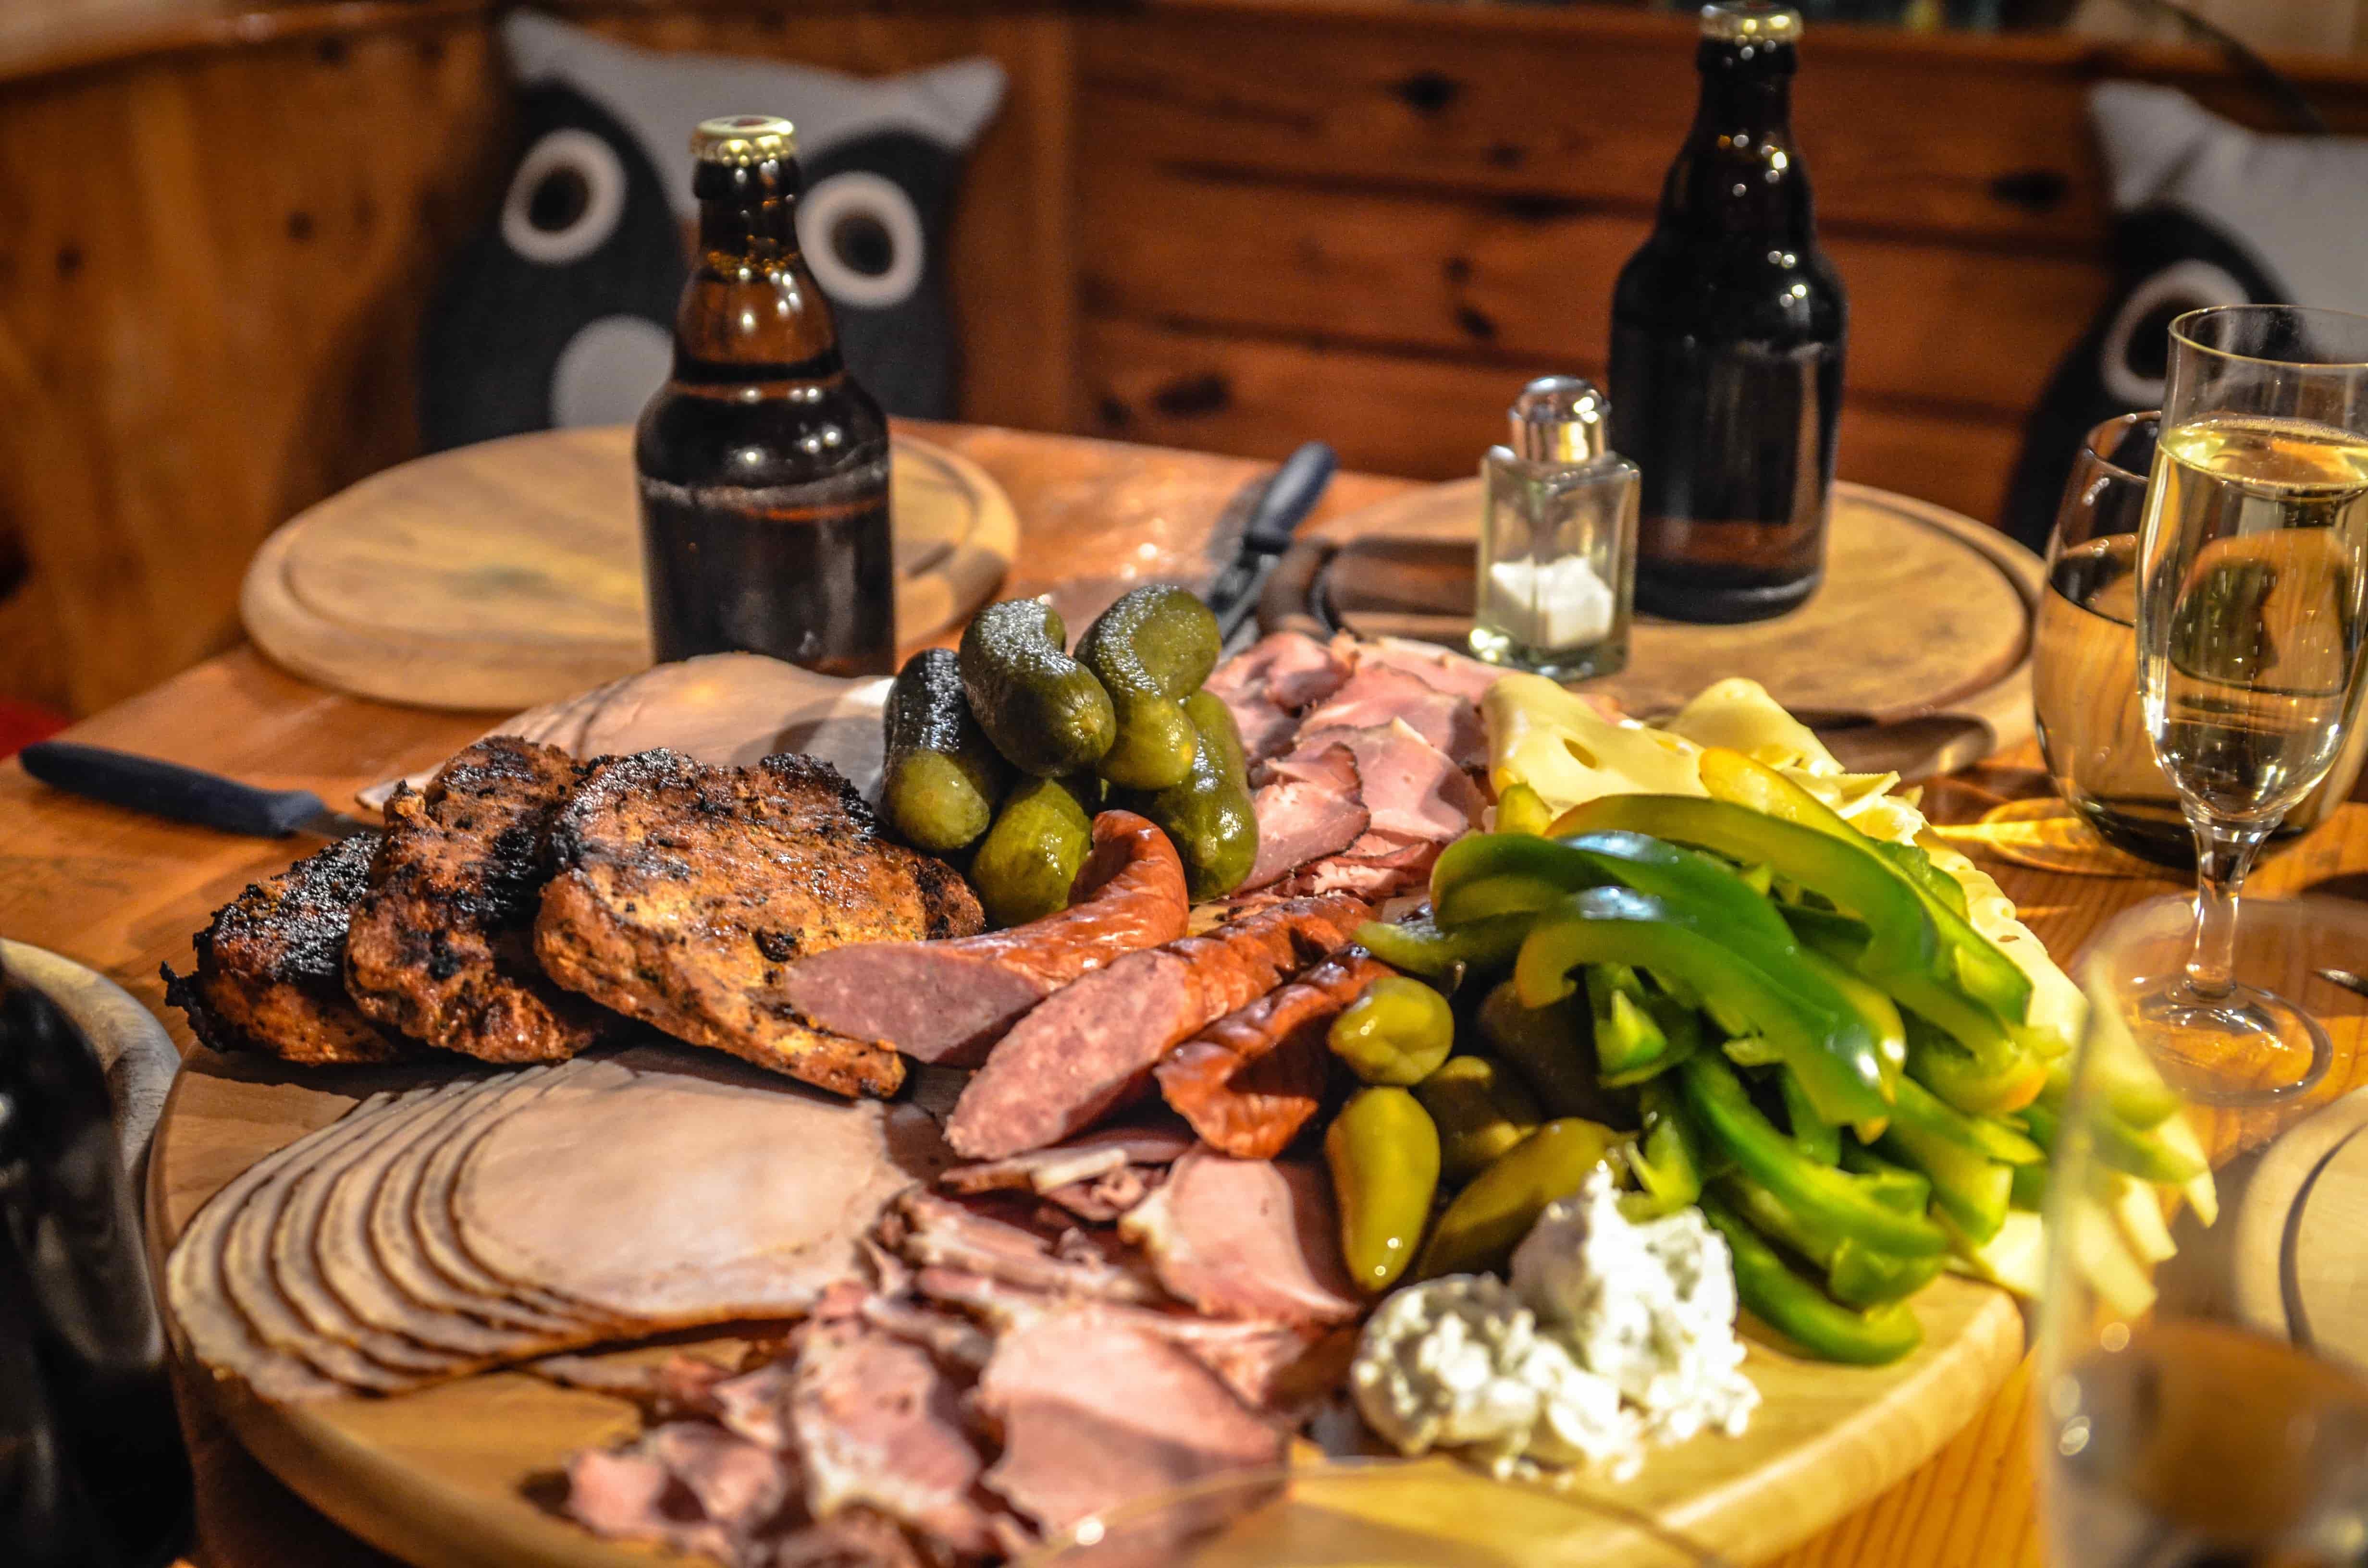 Food platter at an Alpine restaurant